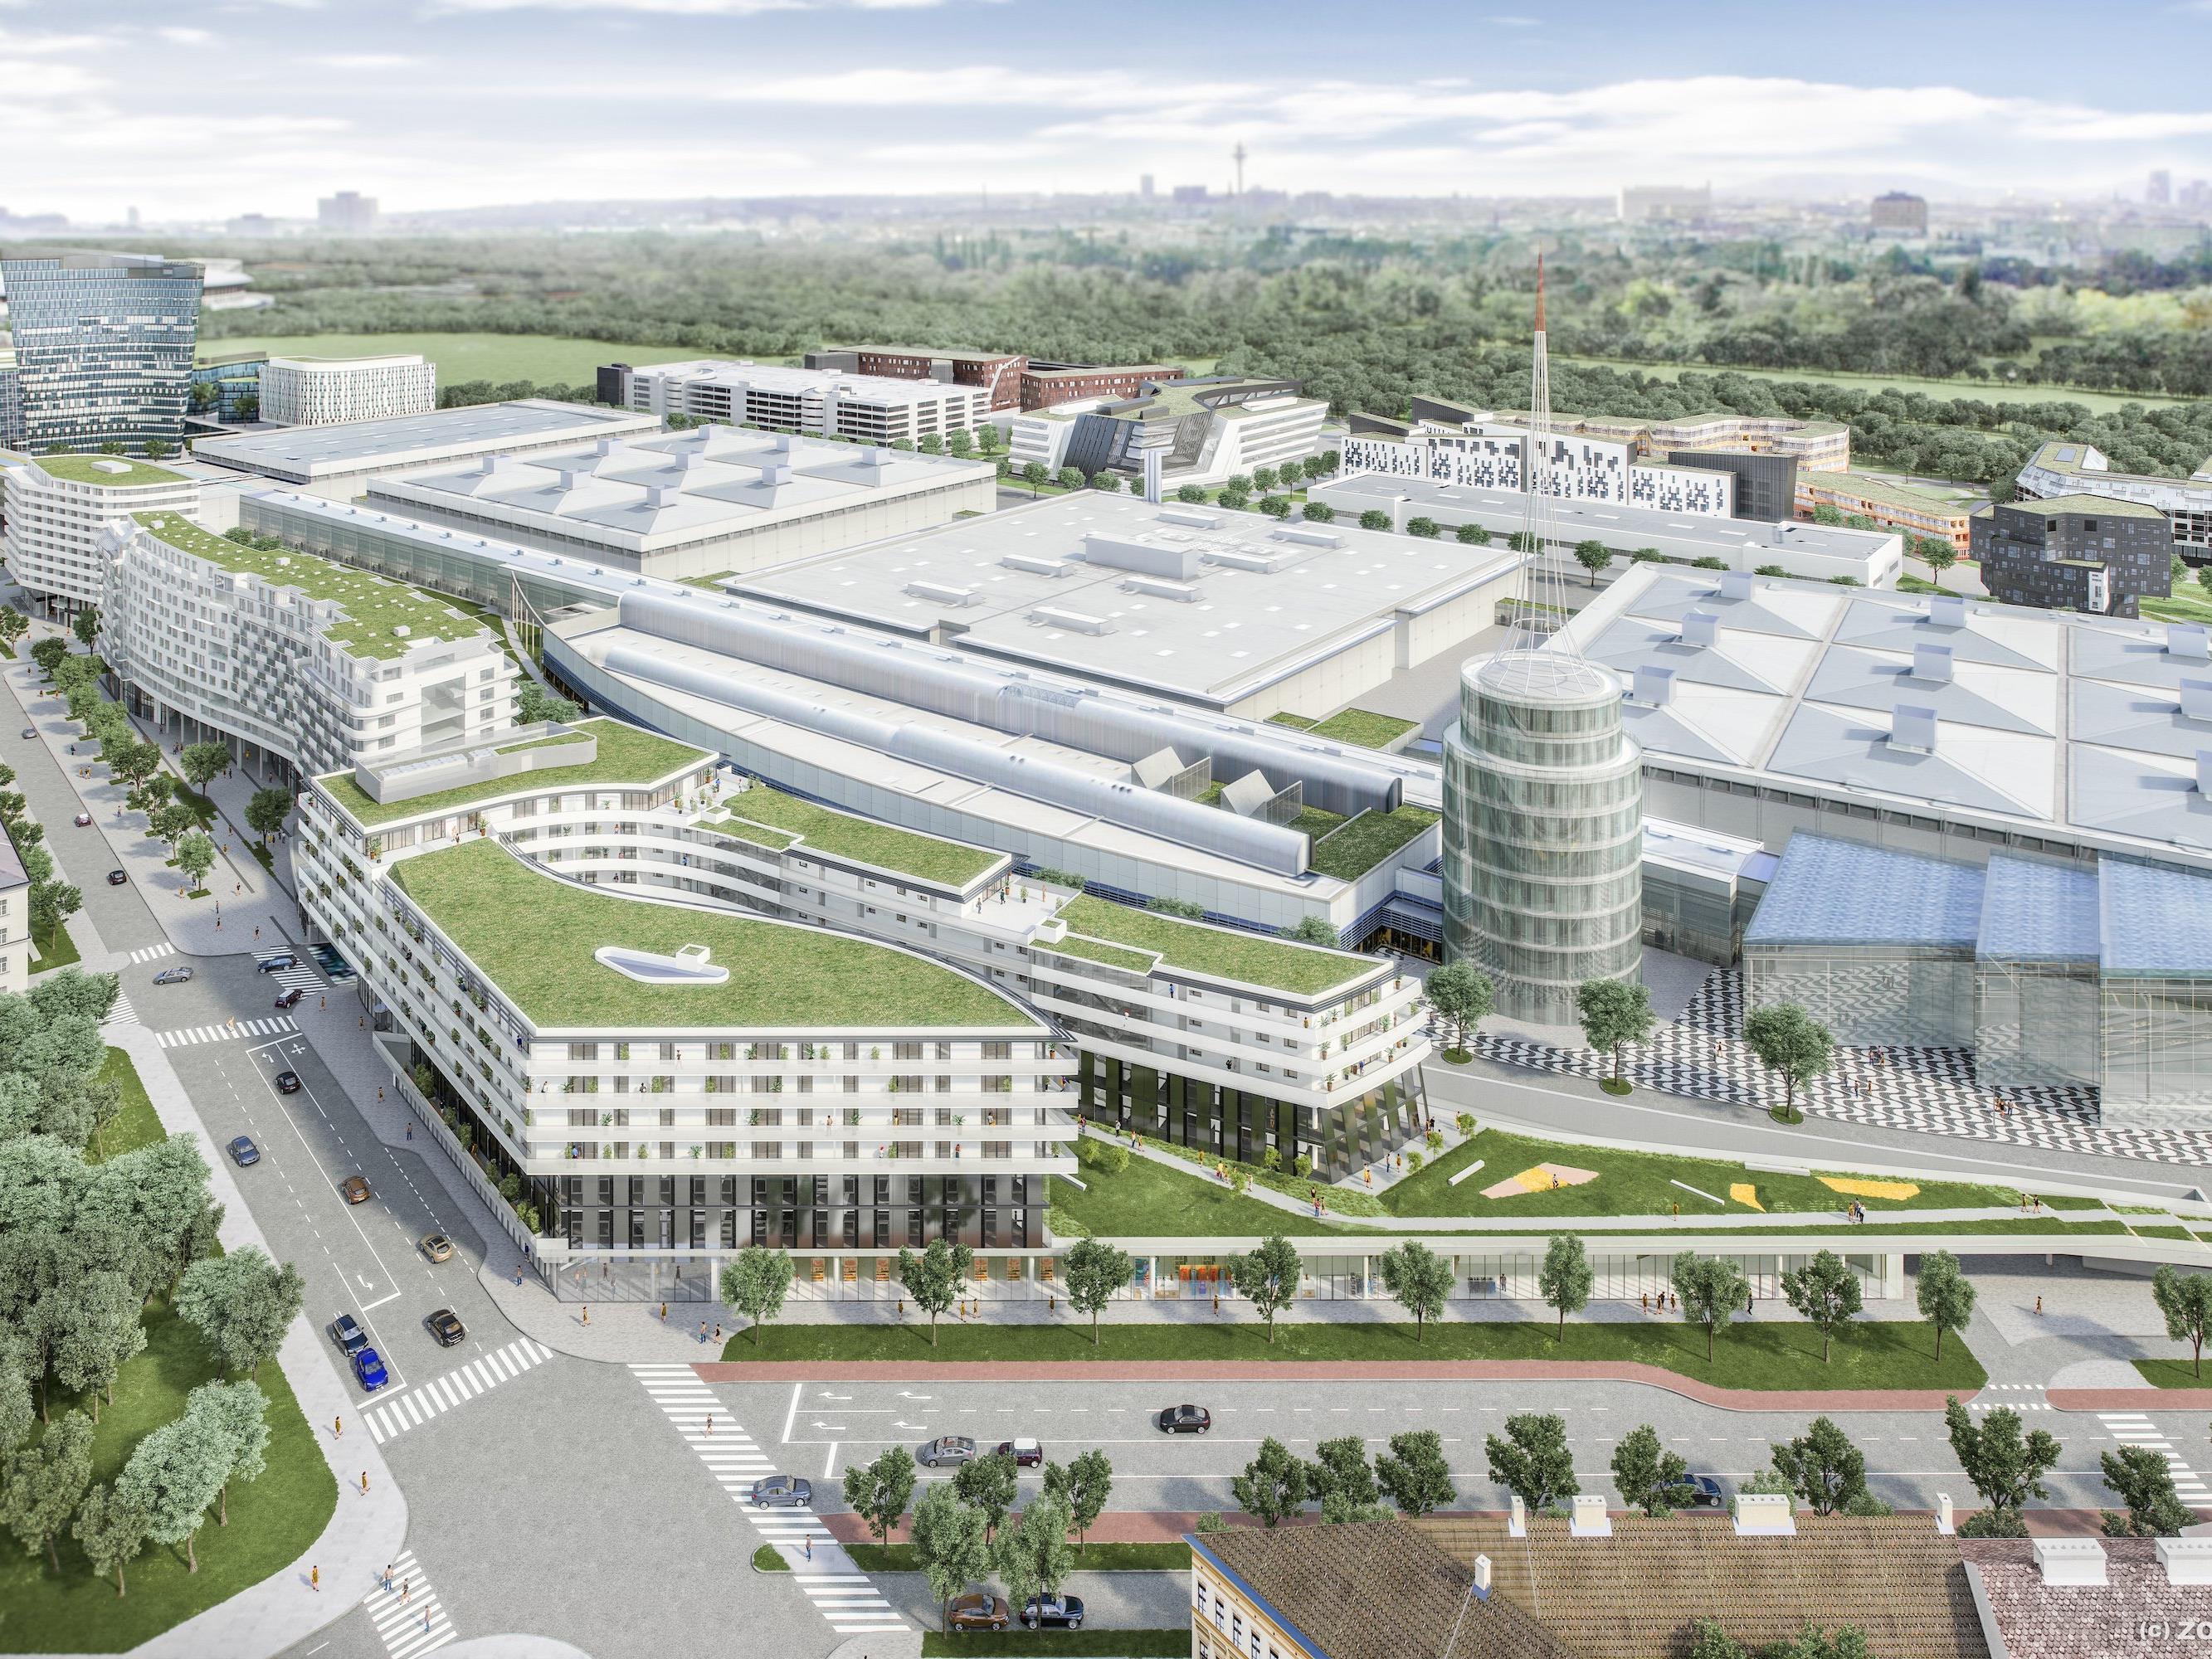 Bis 2017 soll das messecarree in Wien-Leopoldstadt entstehen.